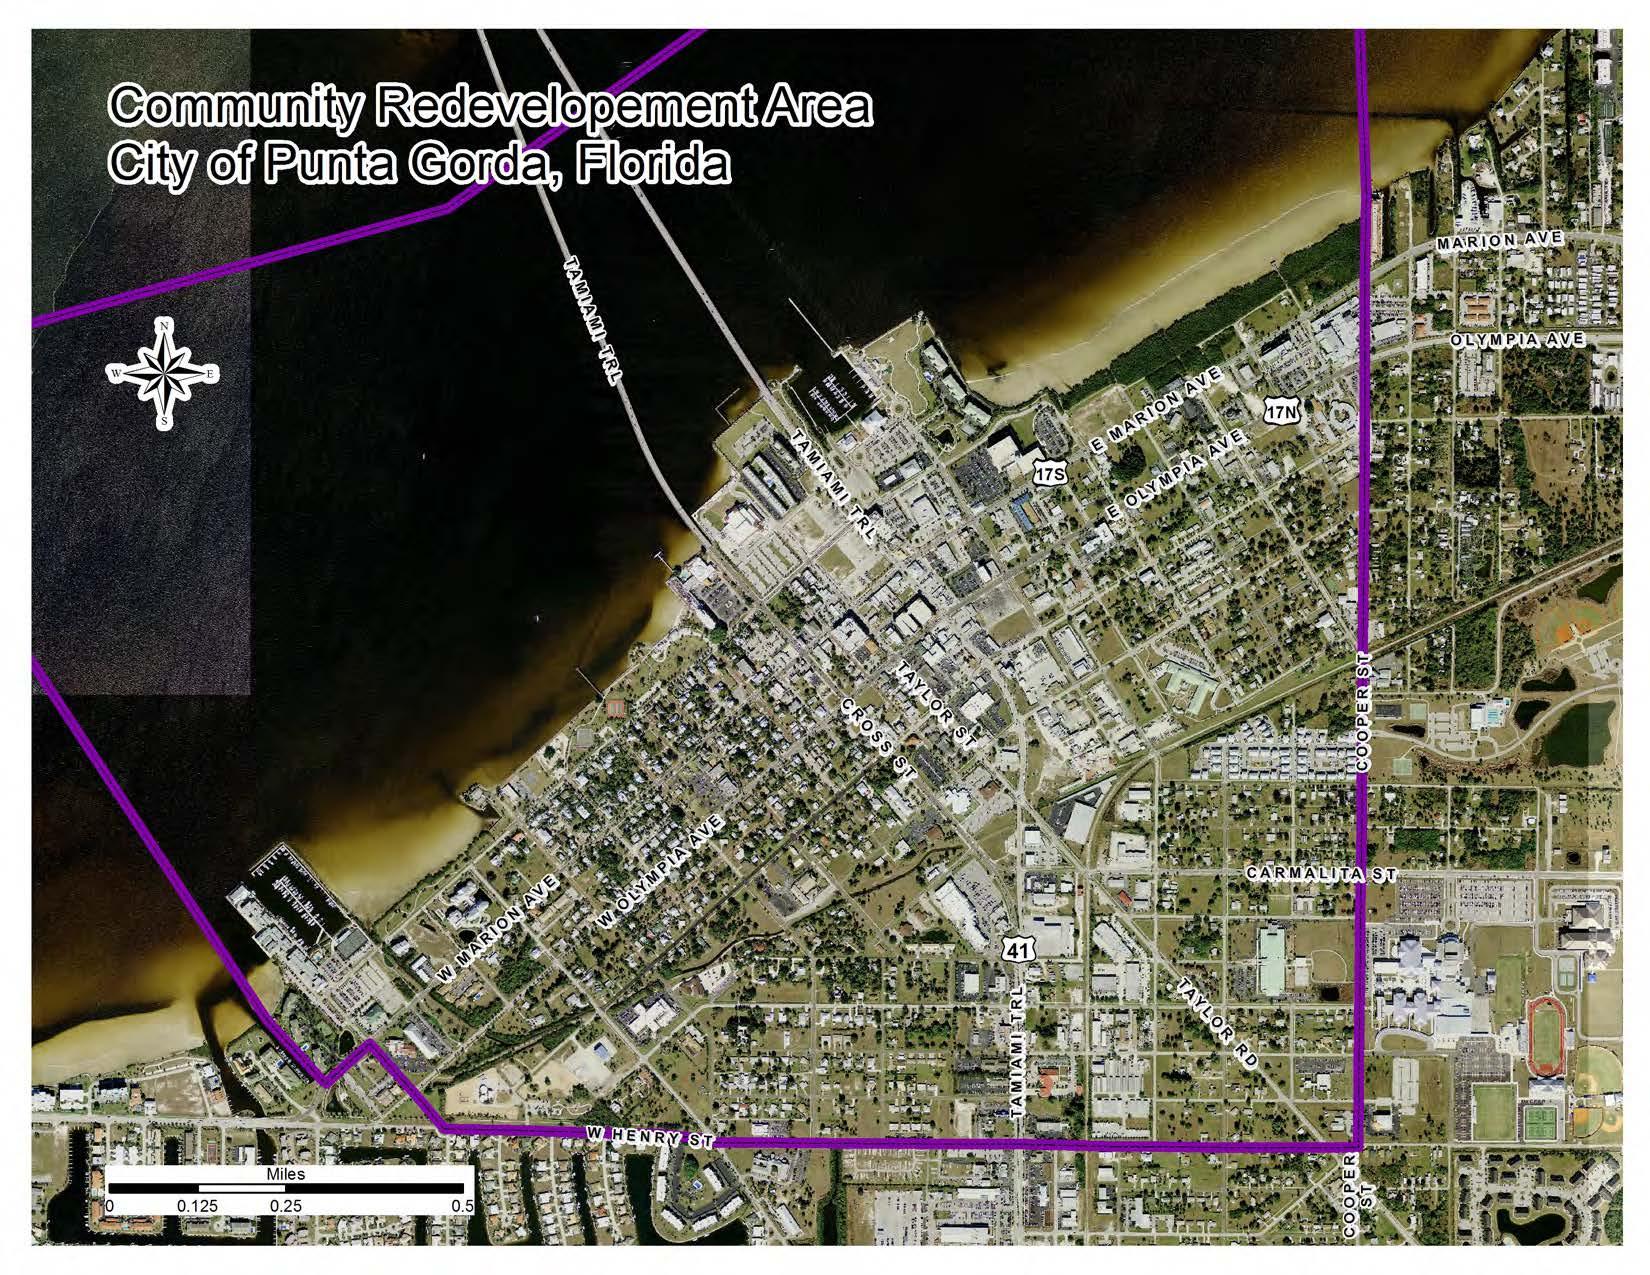 Community Redevelopment Area | City of Punta Gorda, FL